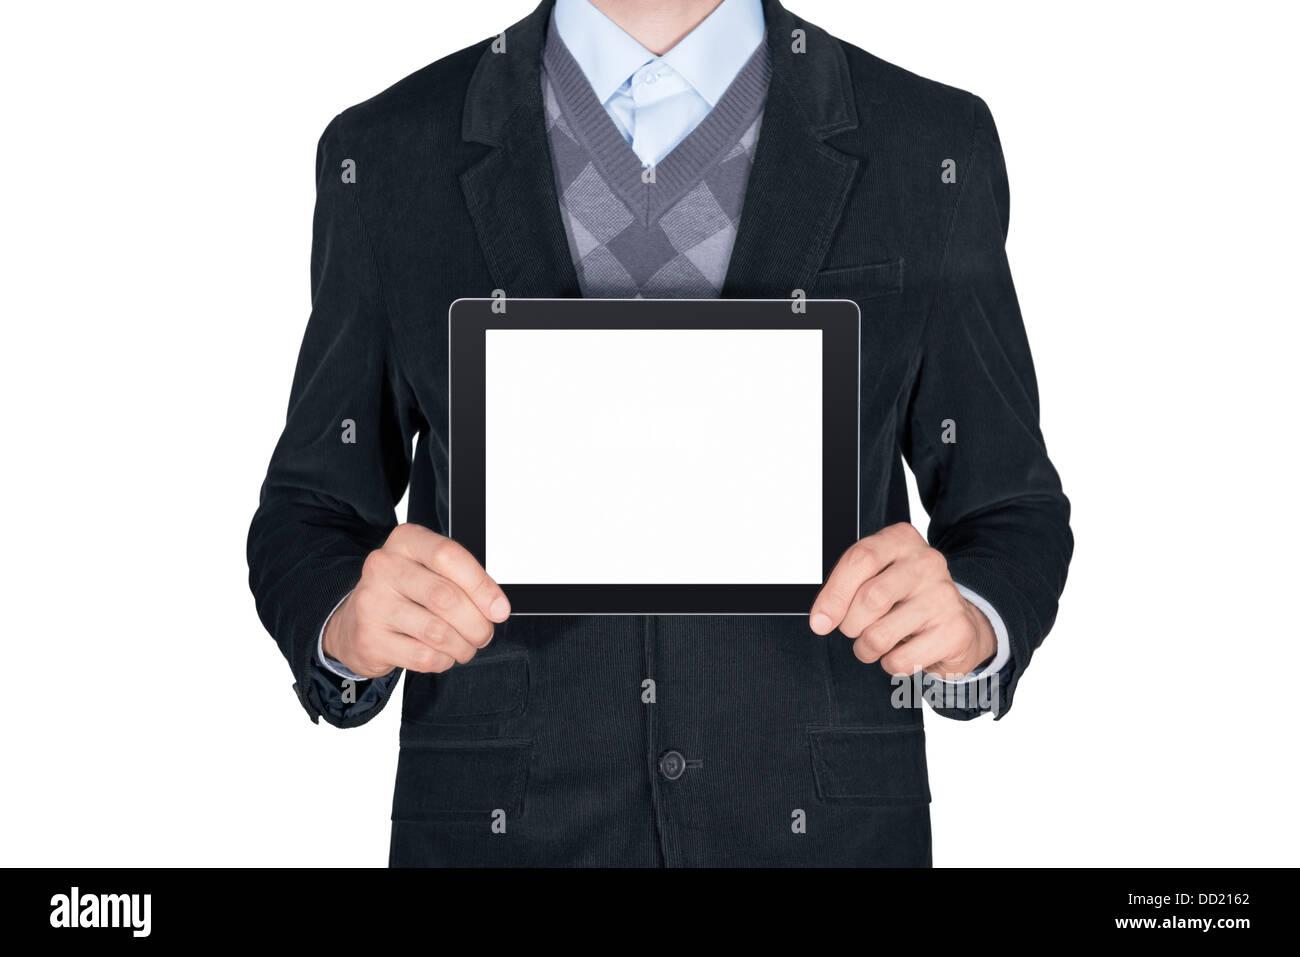 Junger Mann im schwarzen Anzug mit modernen digital-Tablette mit leeren Bildschirm. Isoliert auf weißem Hintergrund Stockfoto